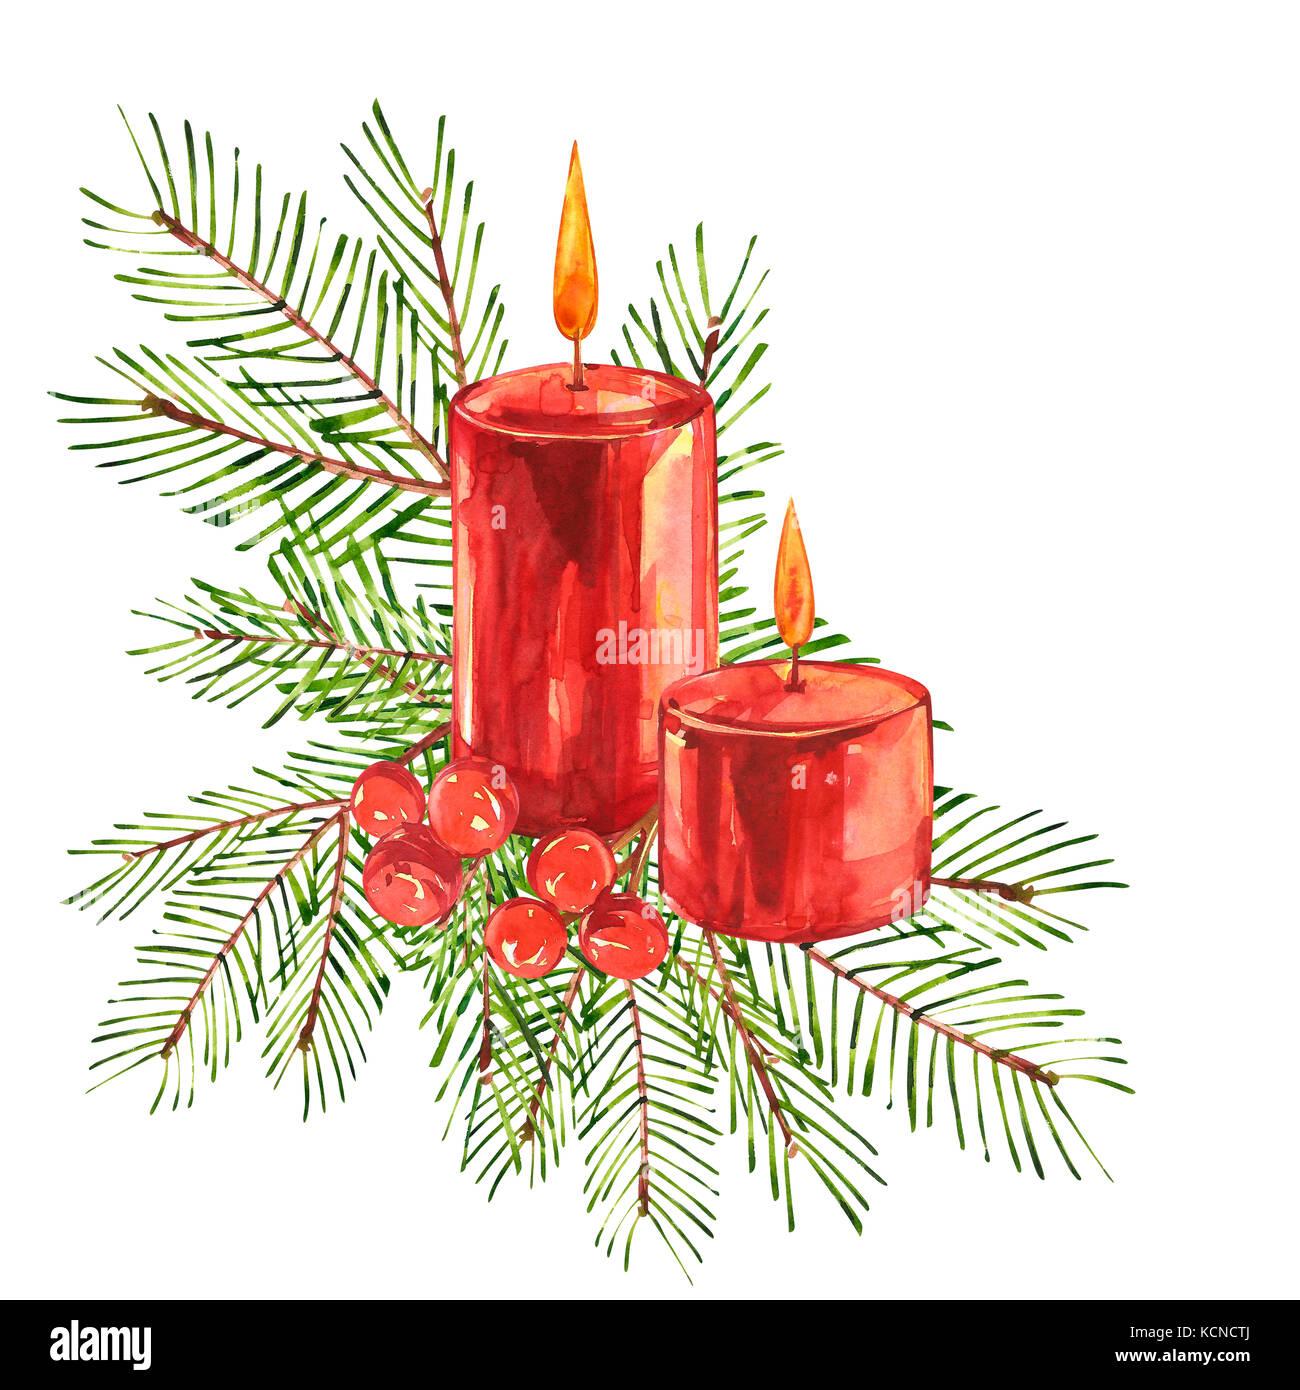 Christmas Illustrations Vintage.Vintage Christmas Illustrations Christmas Candle Tree And